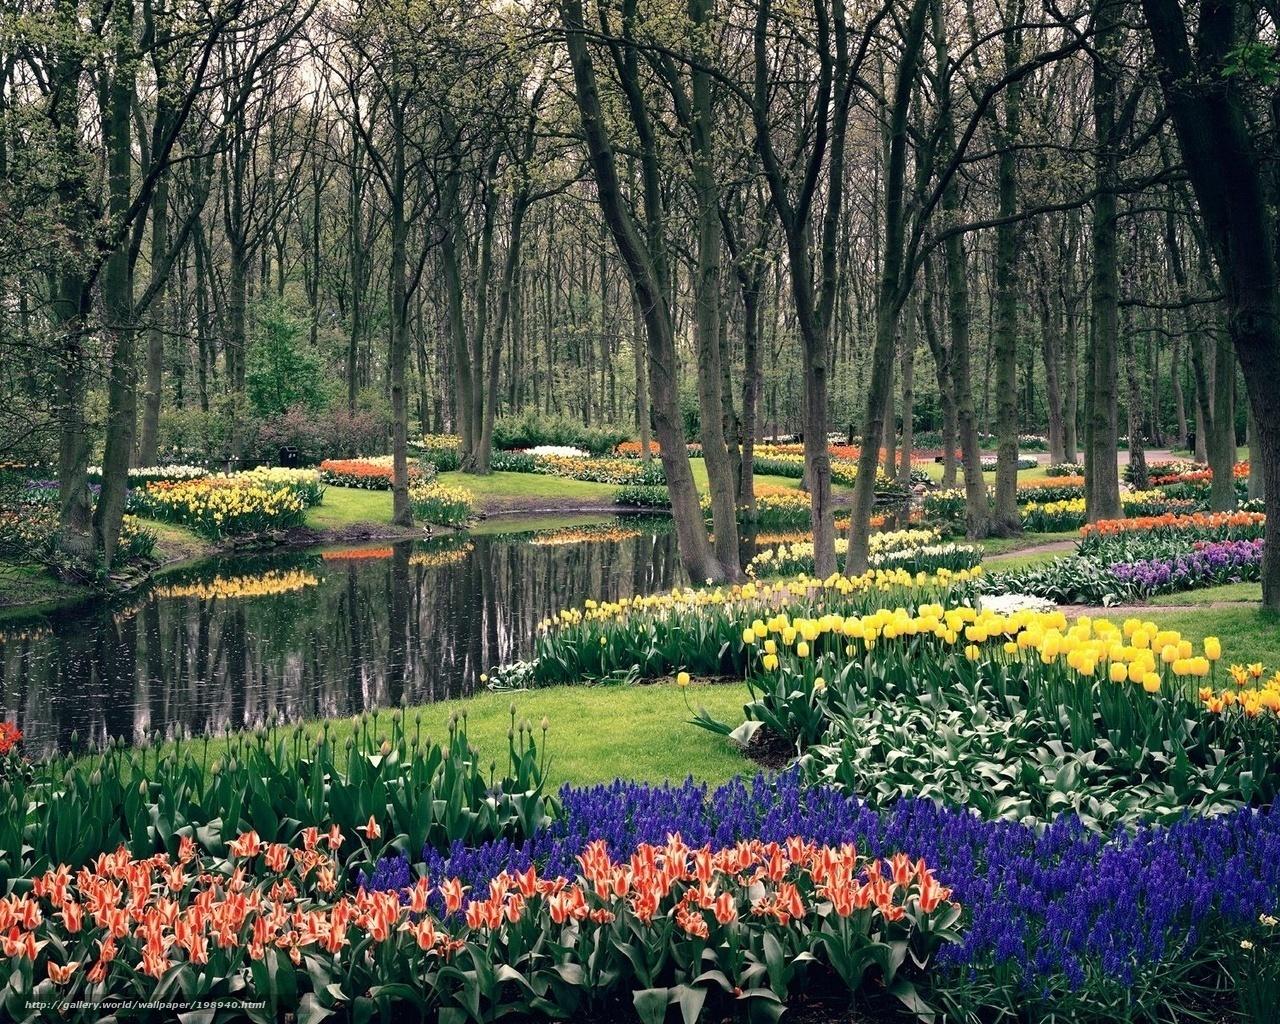 Scaricare Gli Sfondi Primavera Fiori Giardino Sfondi Gratis Per La